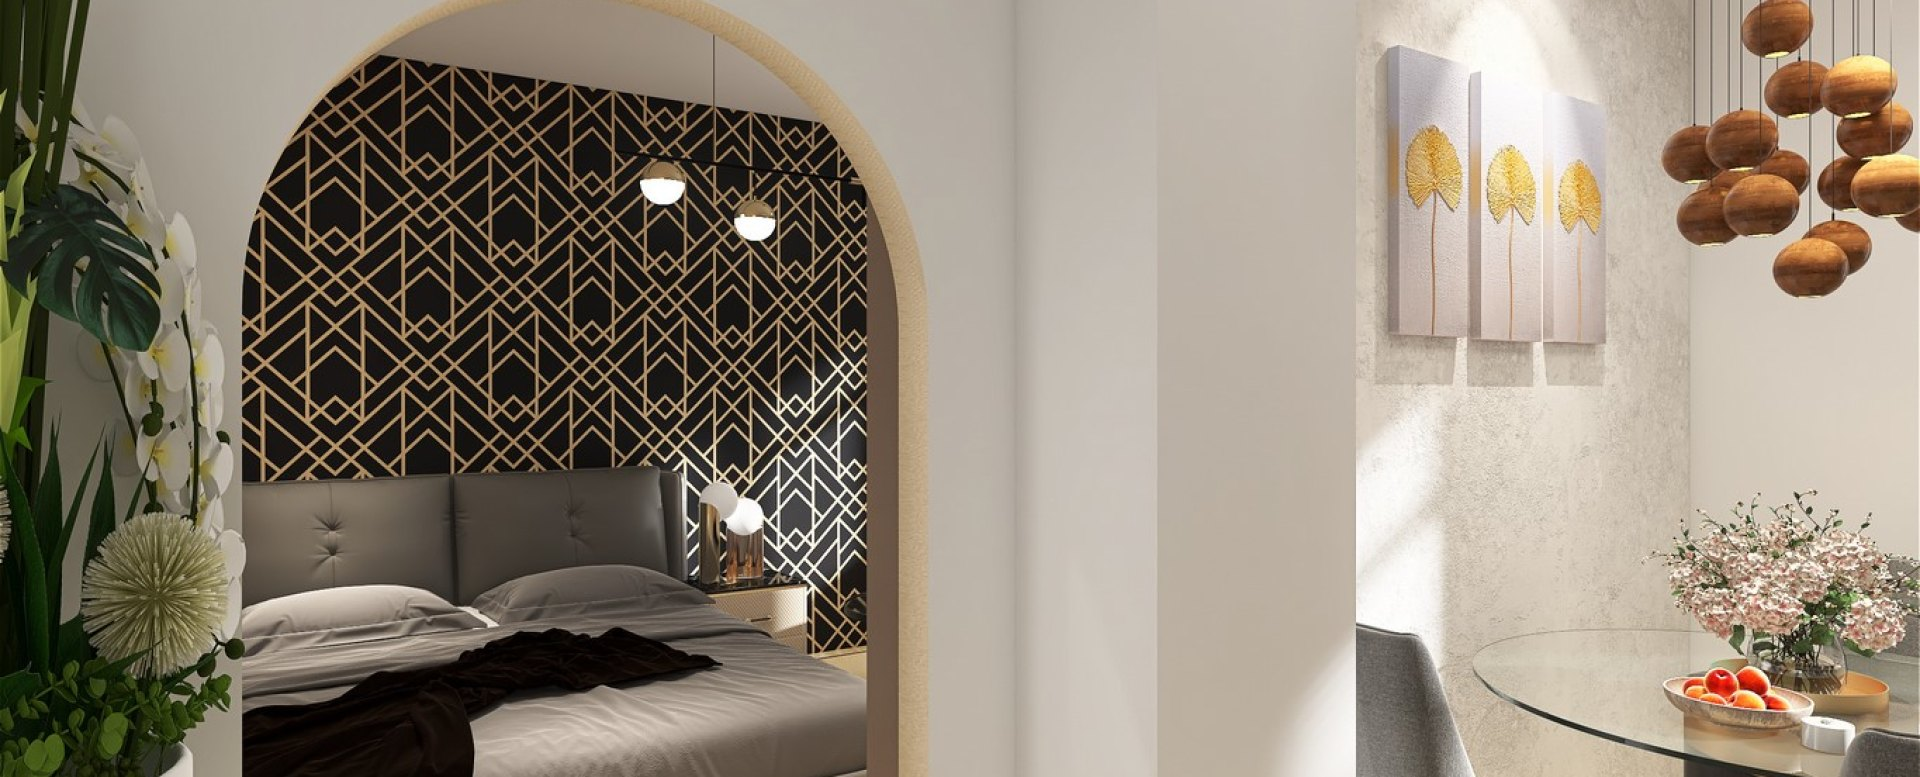 3D vizualizácie kuchyne a vstupu do spálne